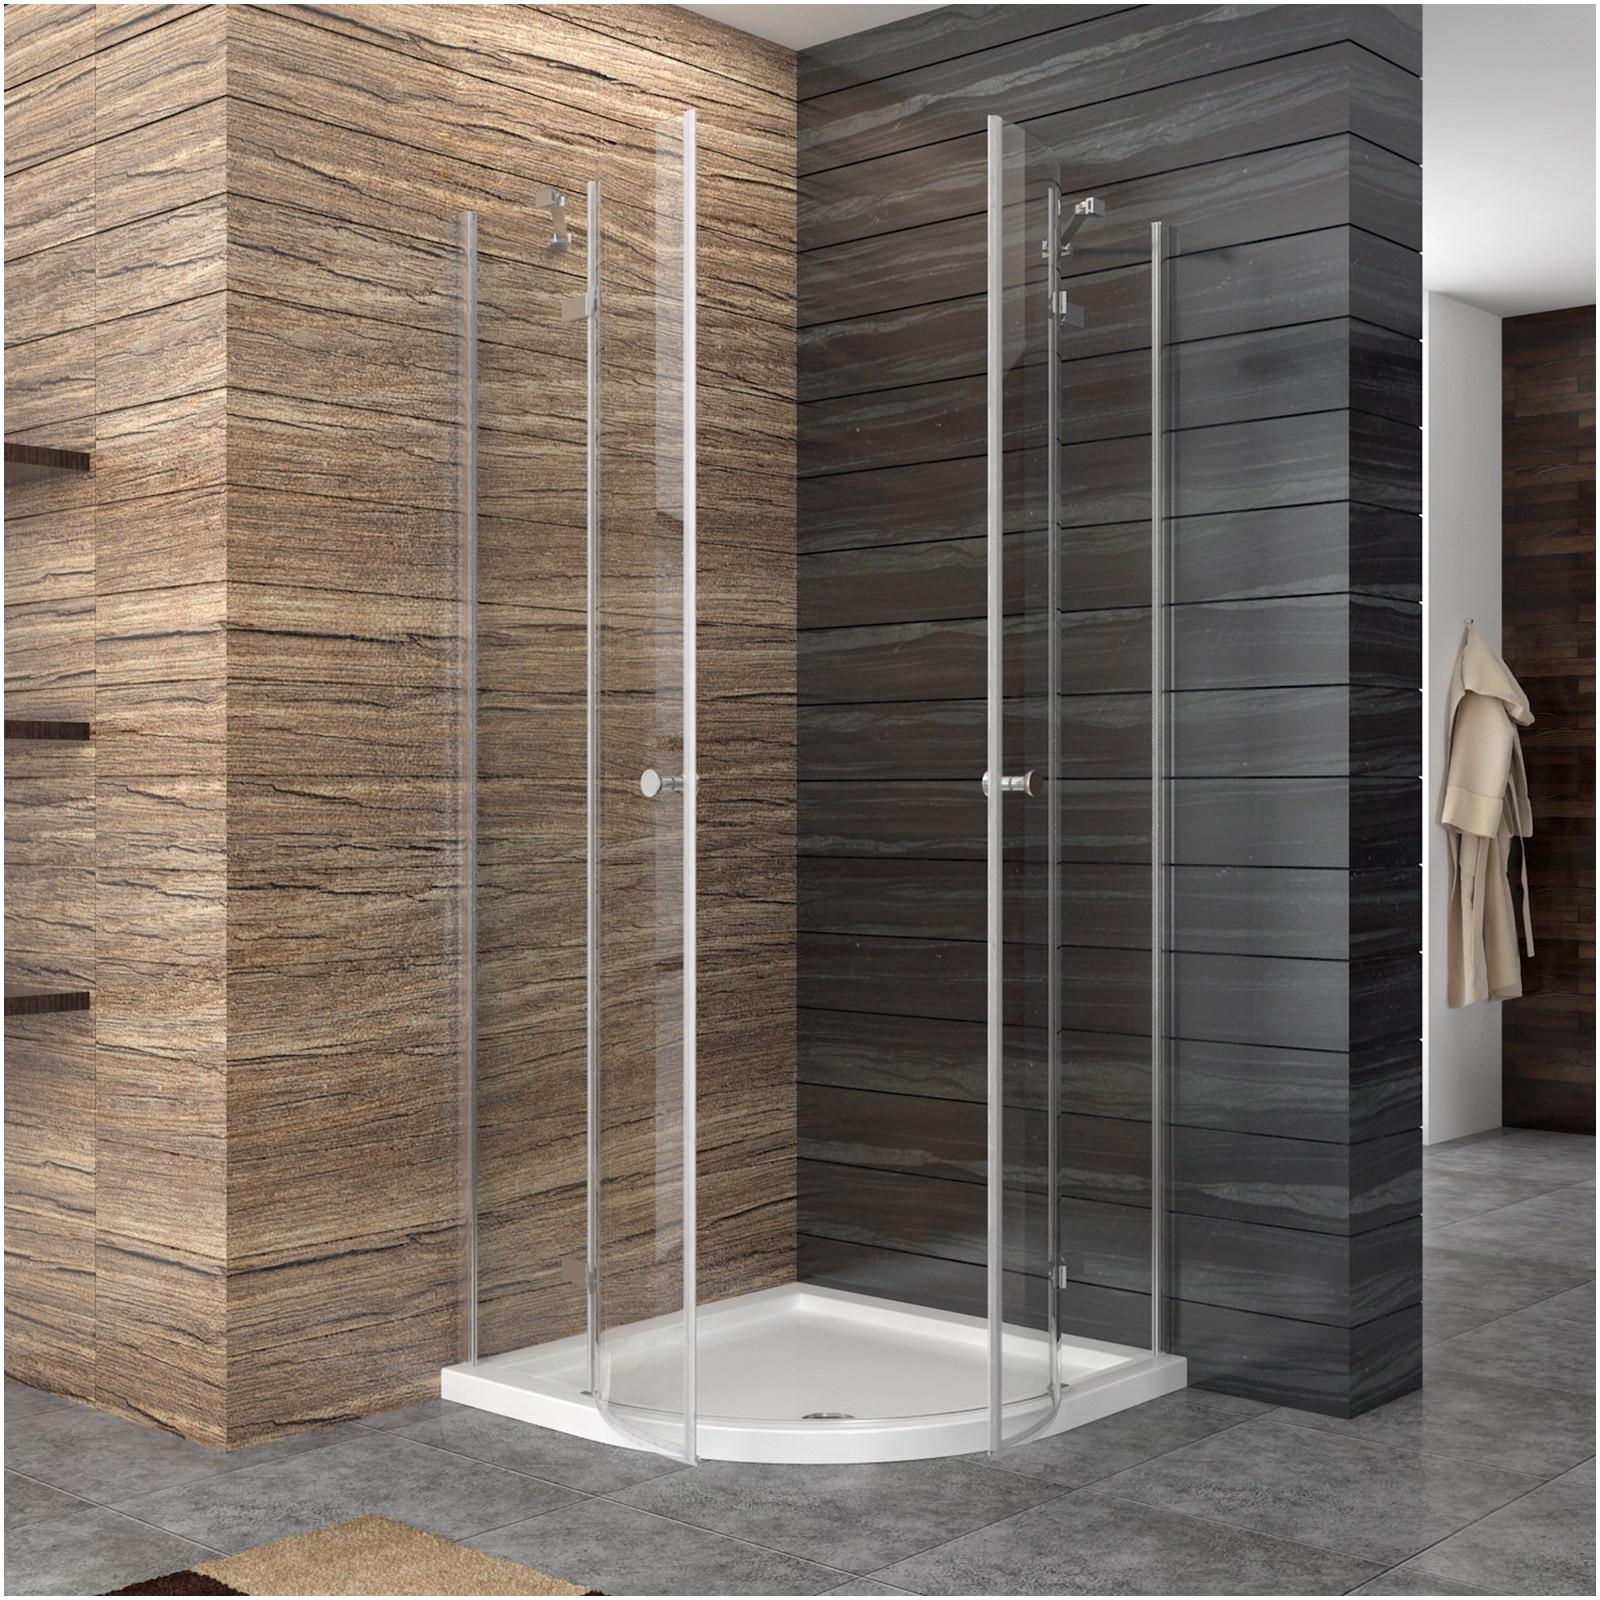 Full Size of Bodengleiche Dusche Duschkabine Fr Ebenerdige Glasabtrennung Begehbare Duschen Antirutschmatte Einbauen Fliesen Für Badewanne Mit Tür Und Behindertengerechte Dusche Bodengleiche Dusche